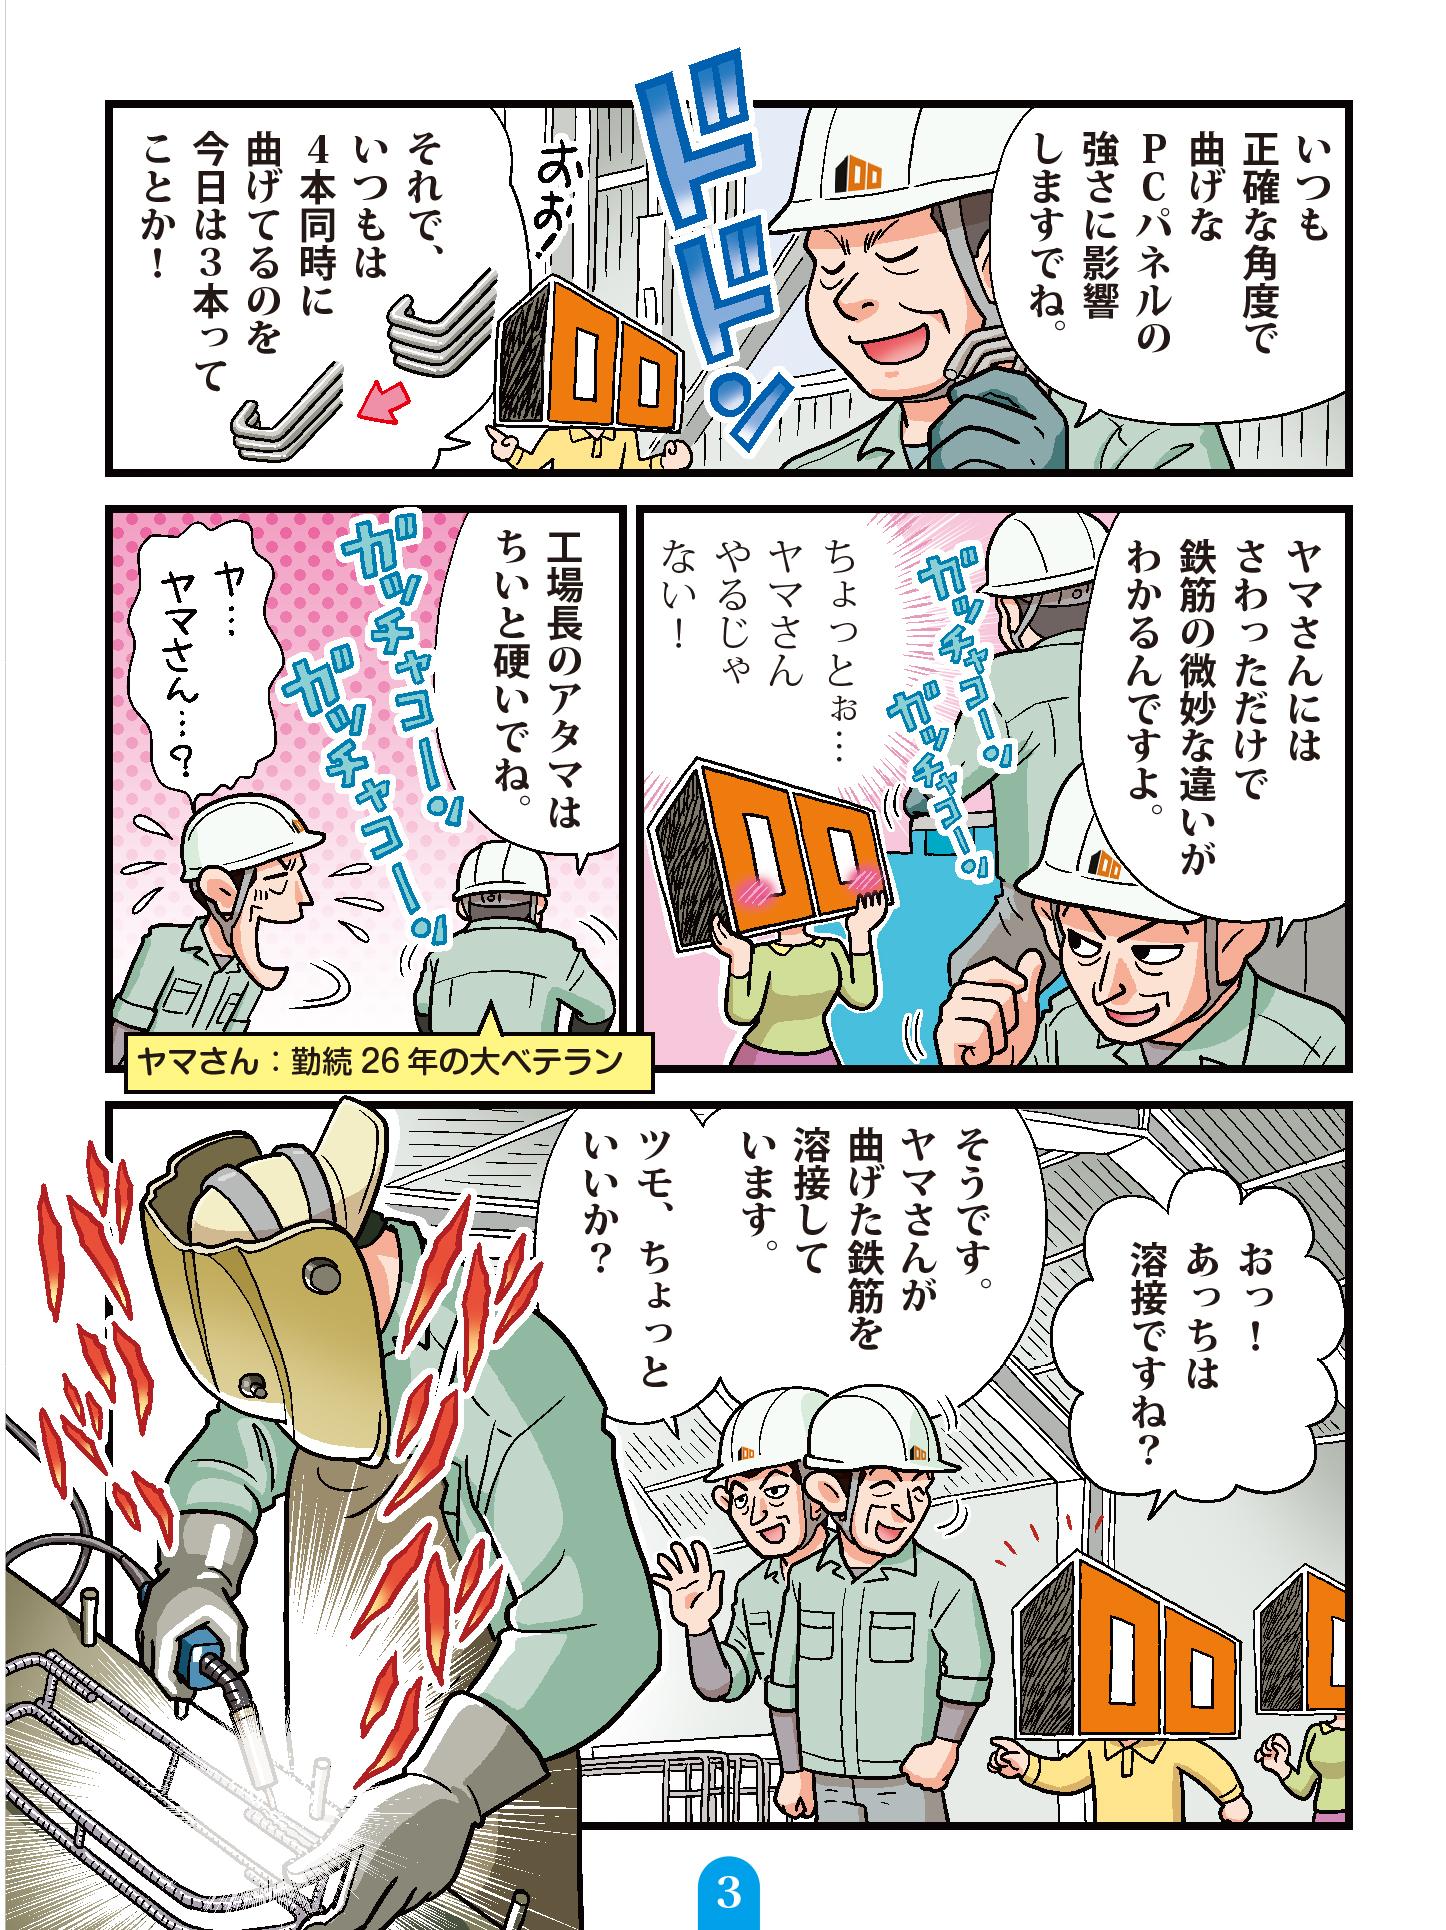 最強職人列伝 第1話 曲げる職人・つなげる職人03